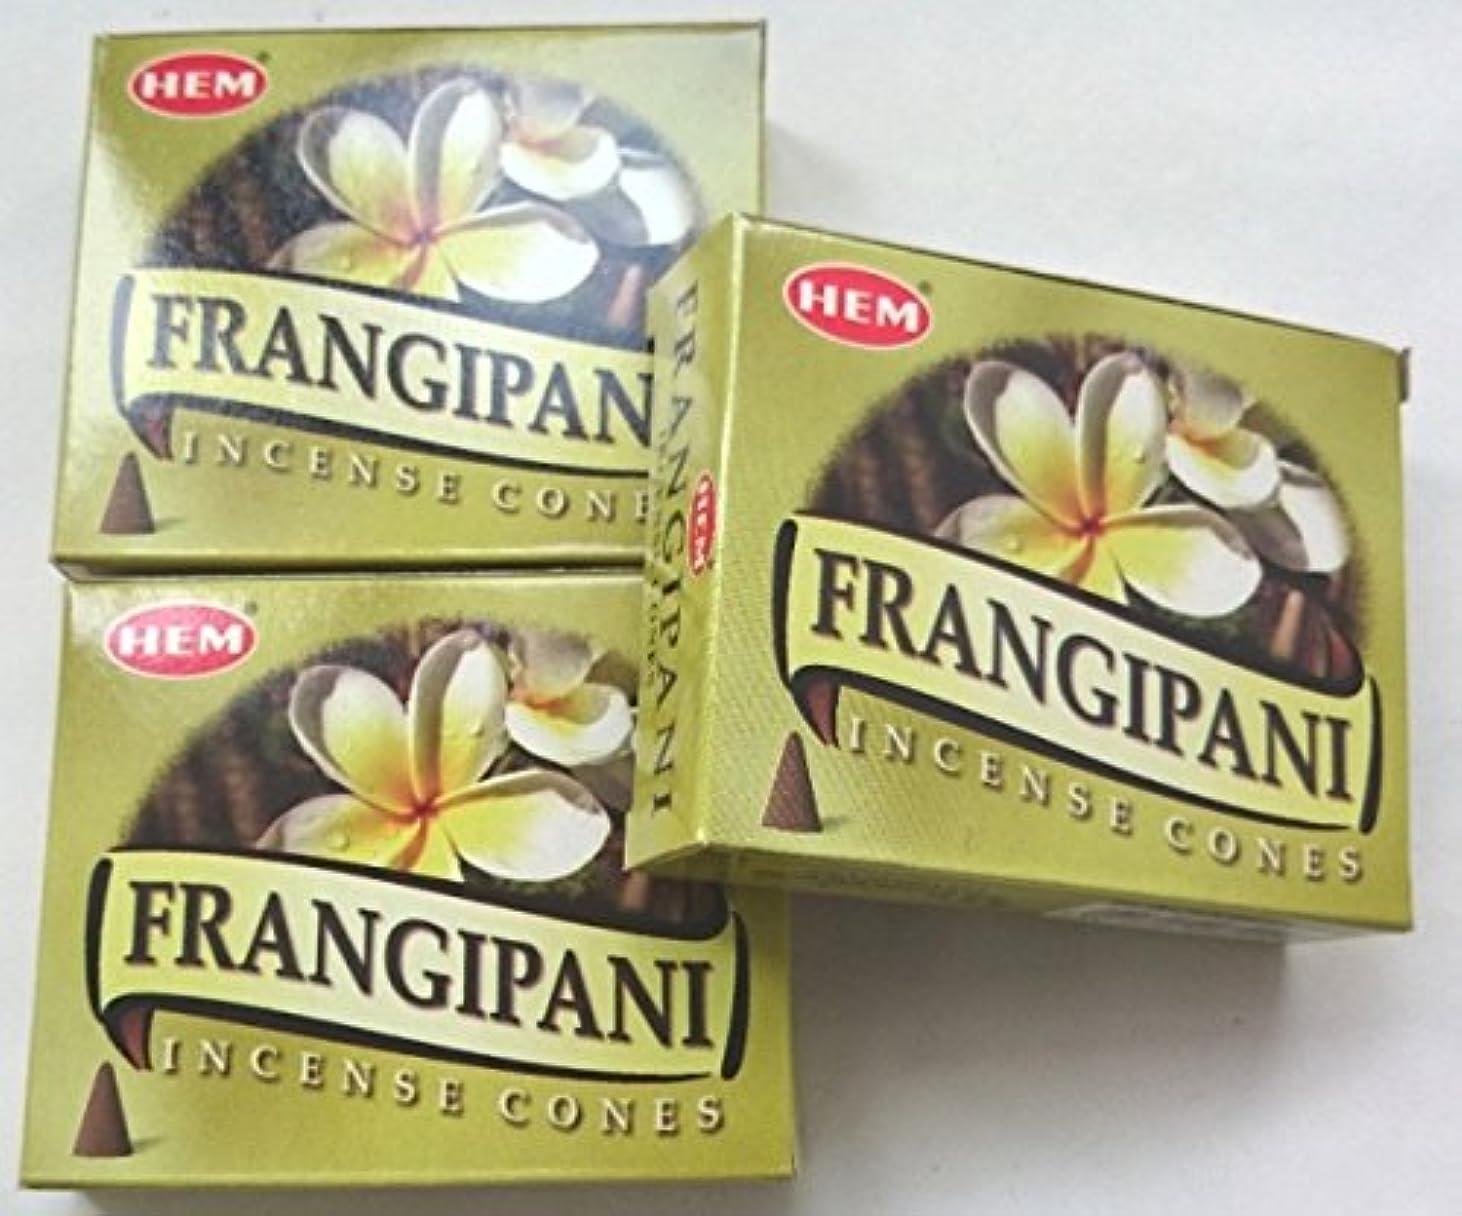 HEM(ヘム)お香 フランジパニ コーン 3個セット